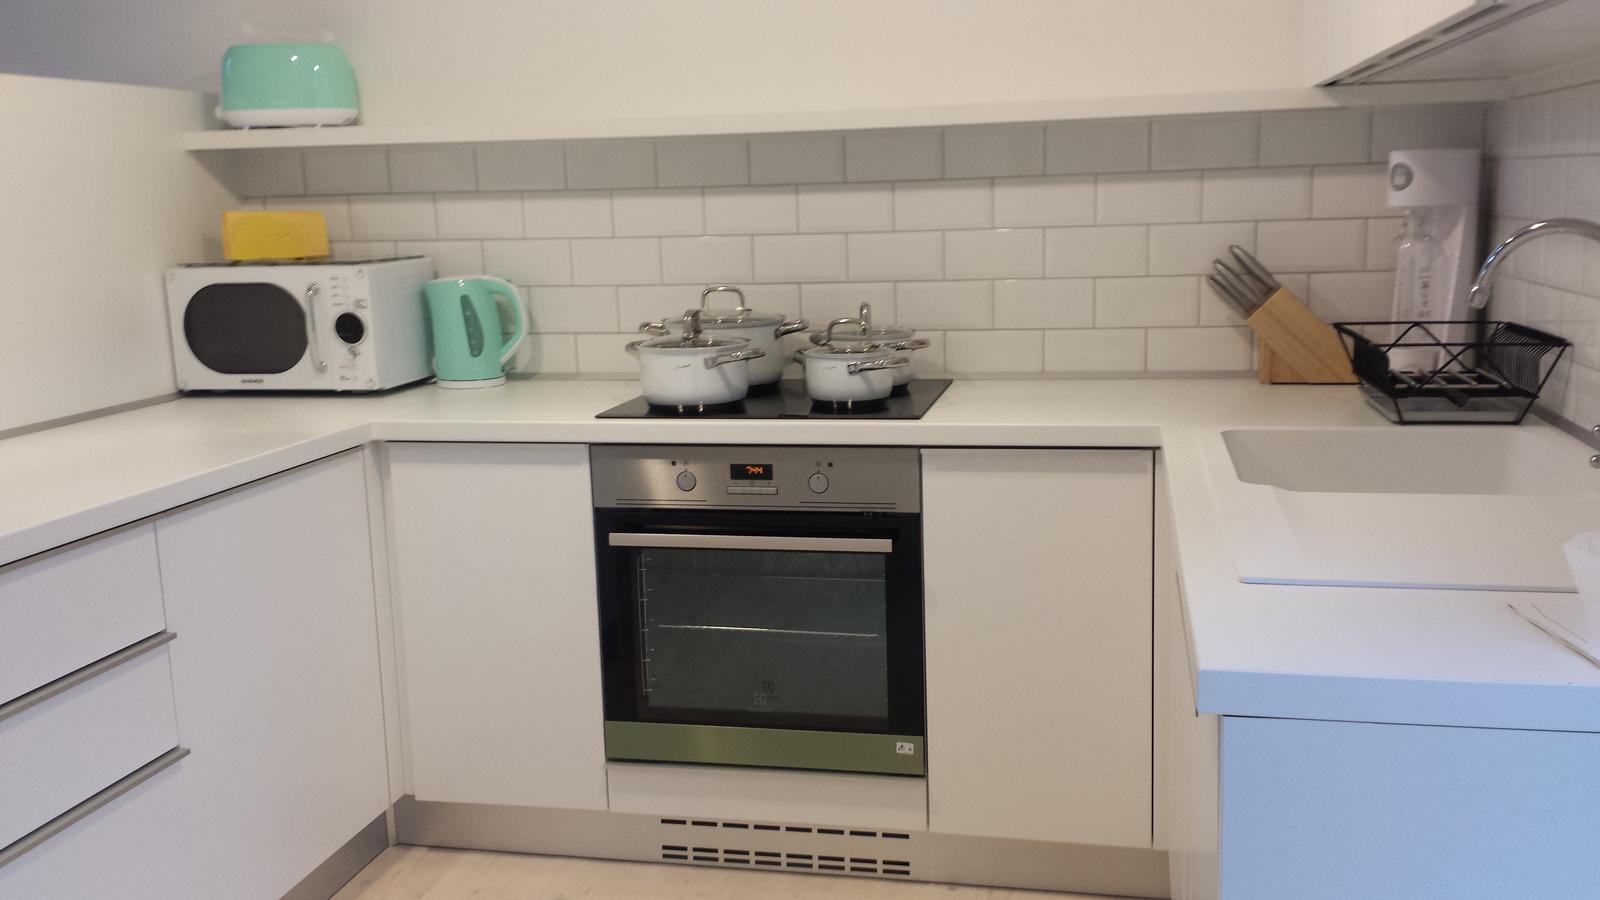 Planovanie a realizácia interieru - No a pomaly vykladam , ukladam, prekladam....stahujem veci z bytu do novej kuchyne...